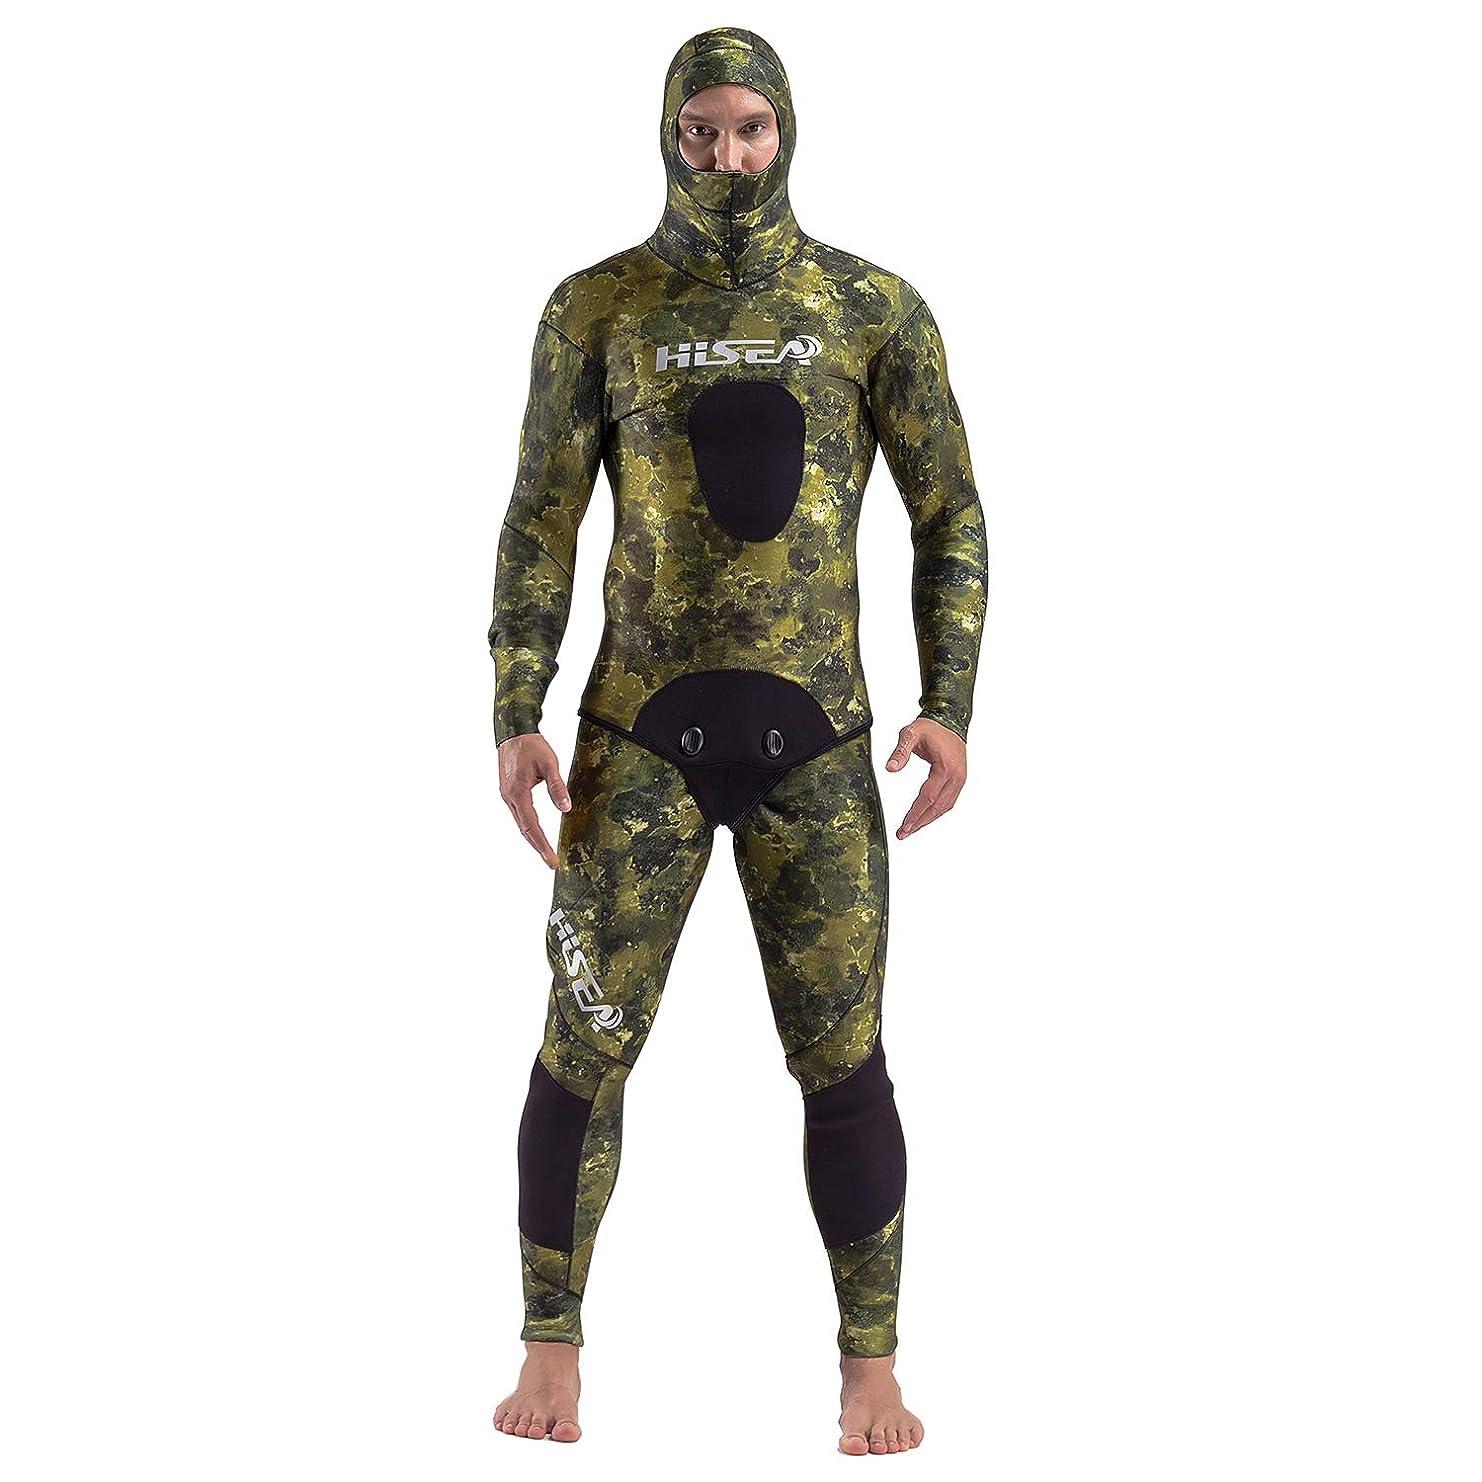 透明に生産的着替えるMORGEN SKY ウェットスーツ メンズ 1.5mm/3.5mm/5mm/7mm スピアフィッシング 魚突き フード一体式 2ピース 上下セパレートタイプ 表ジャージ×裏スキン ハイウエストパンツ仕様 M019